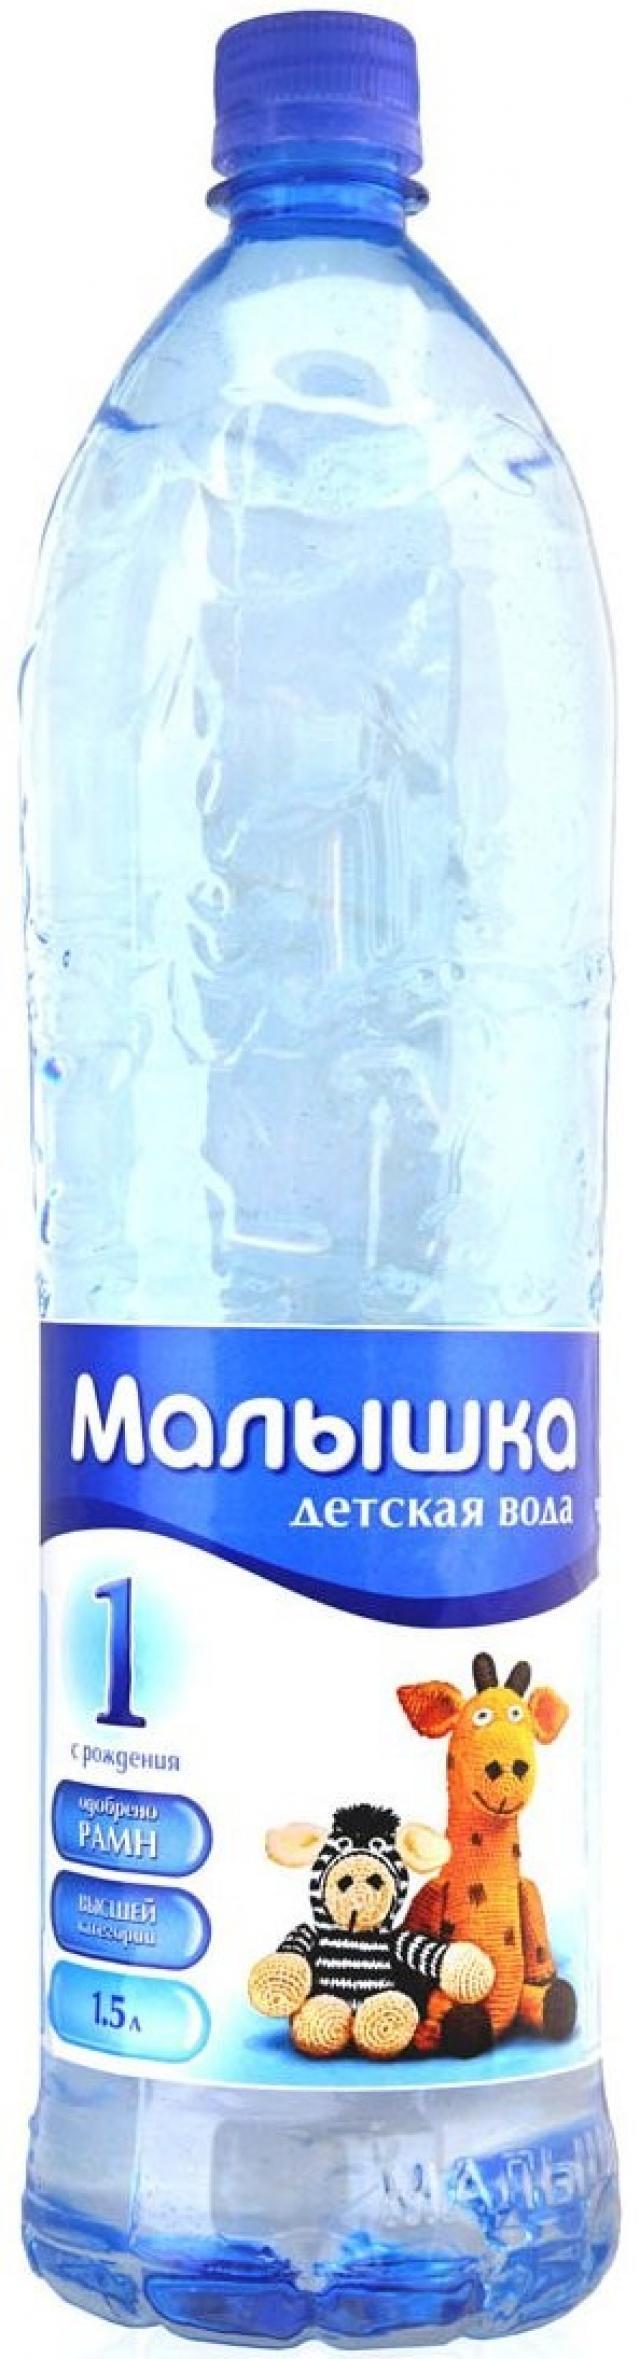 Вода минеральная Малышка 1,5л* купить в Москве по цене от 44 рублей